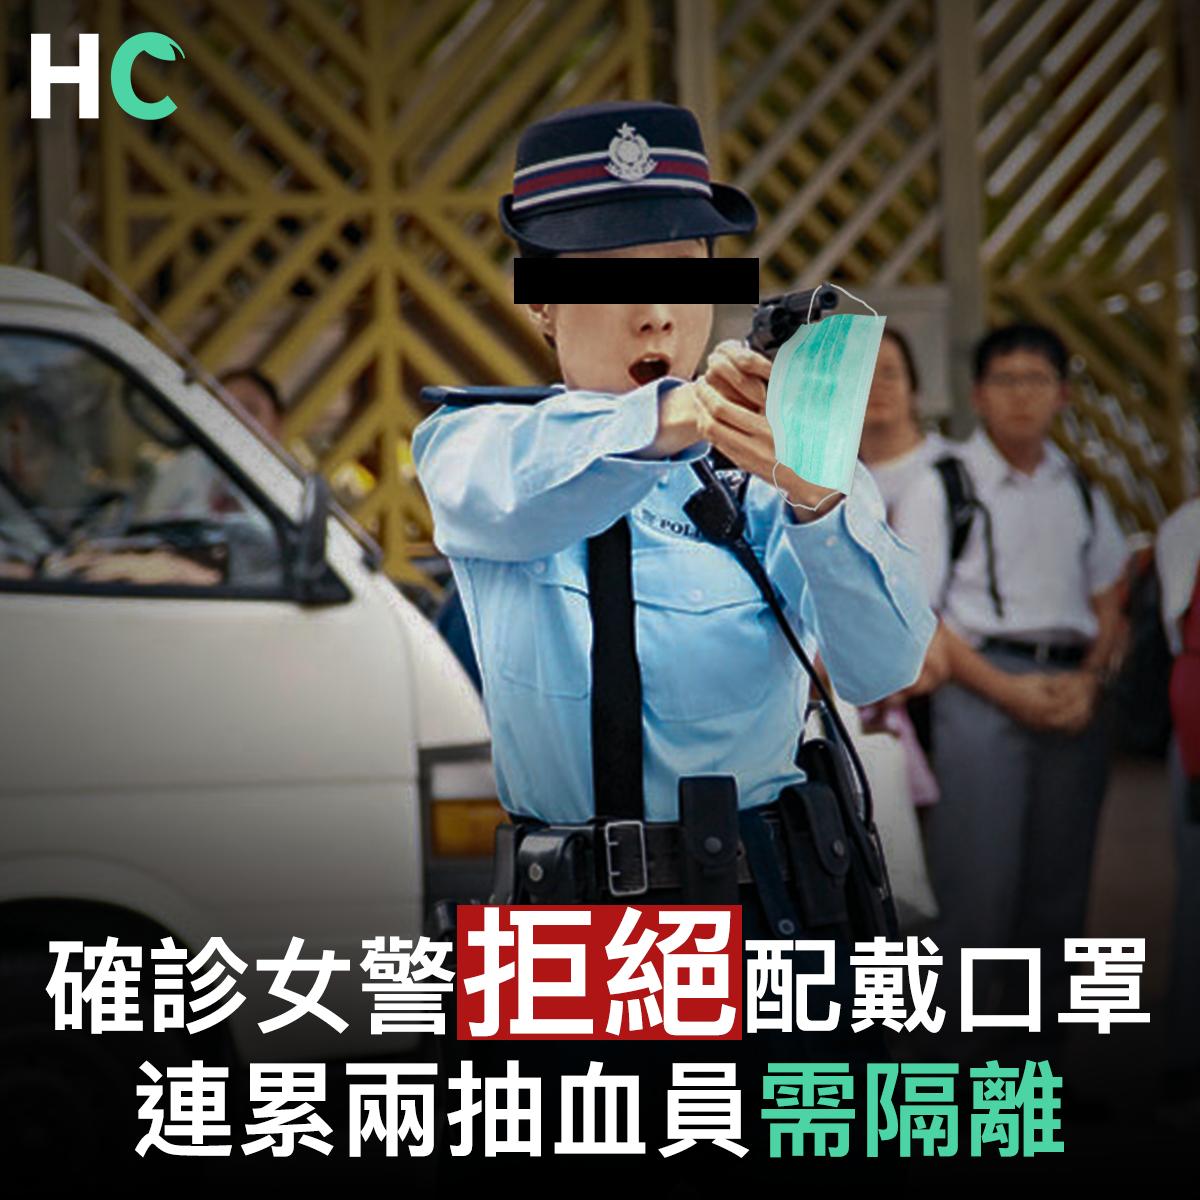 【#武漢肺炎】確診女警拒絕配戴口罩 連累兩抽血員需隔離